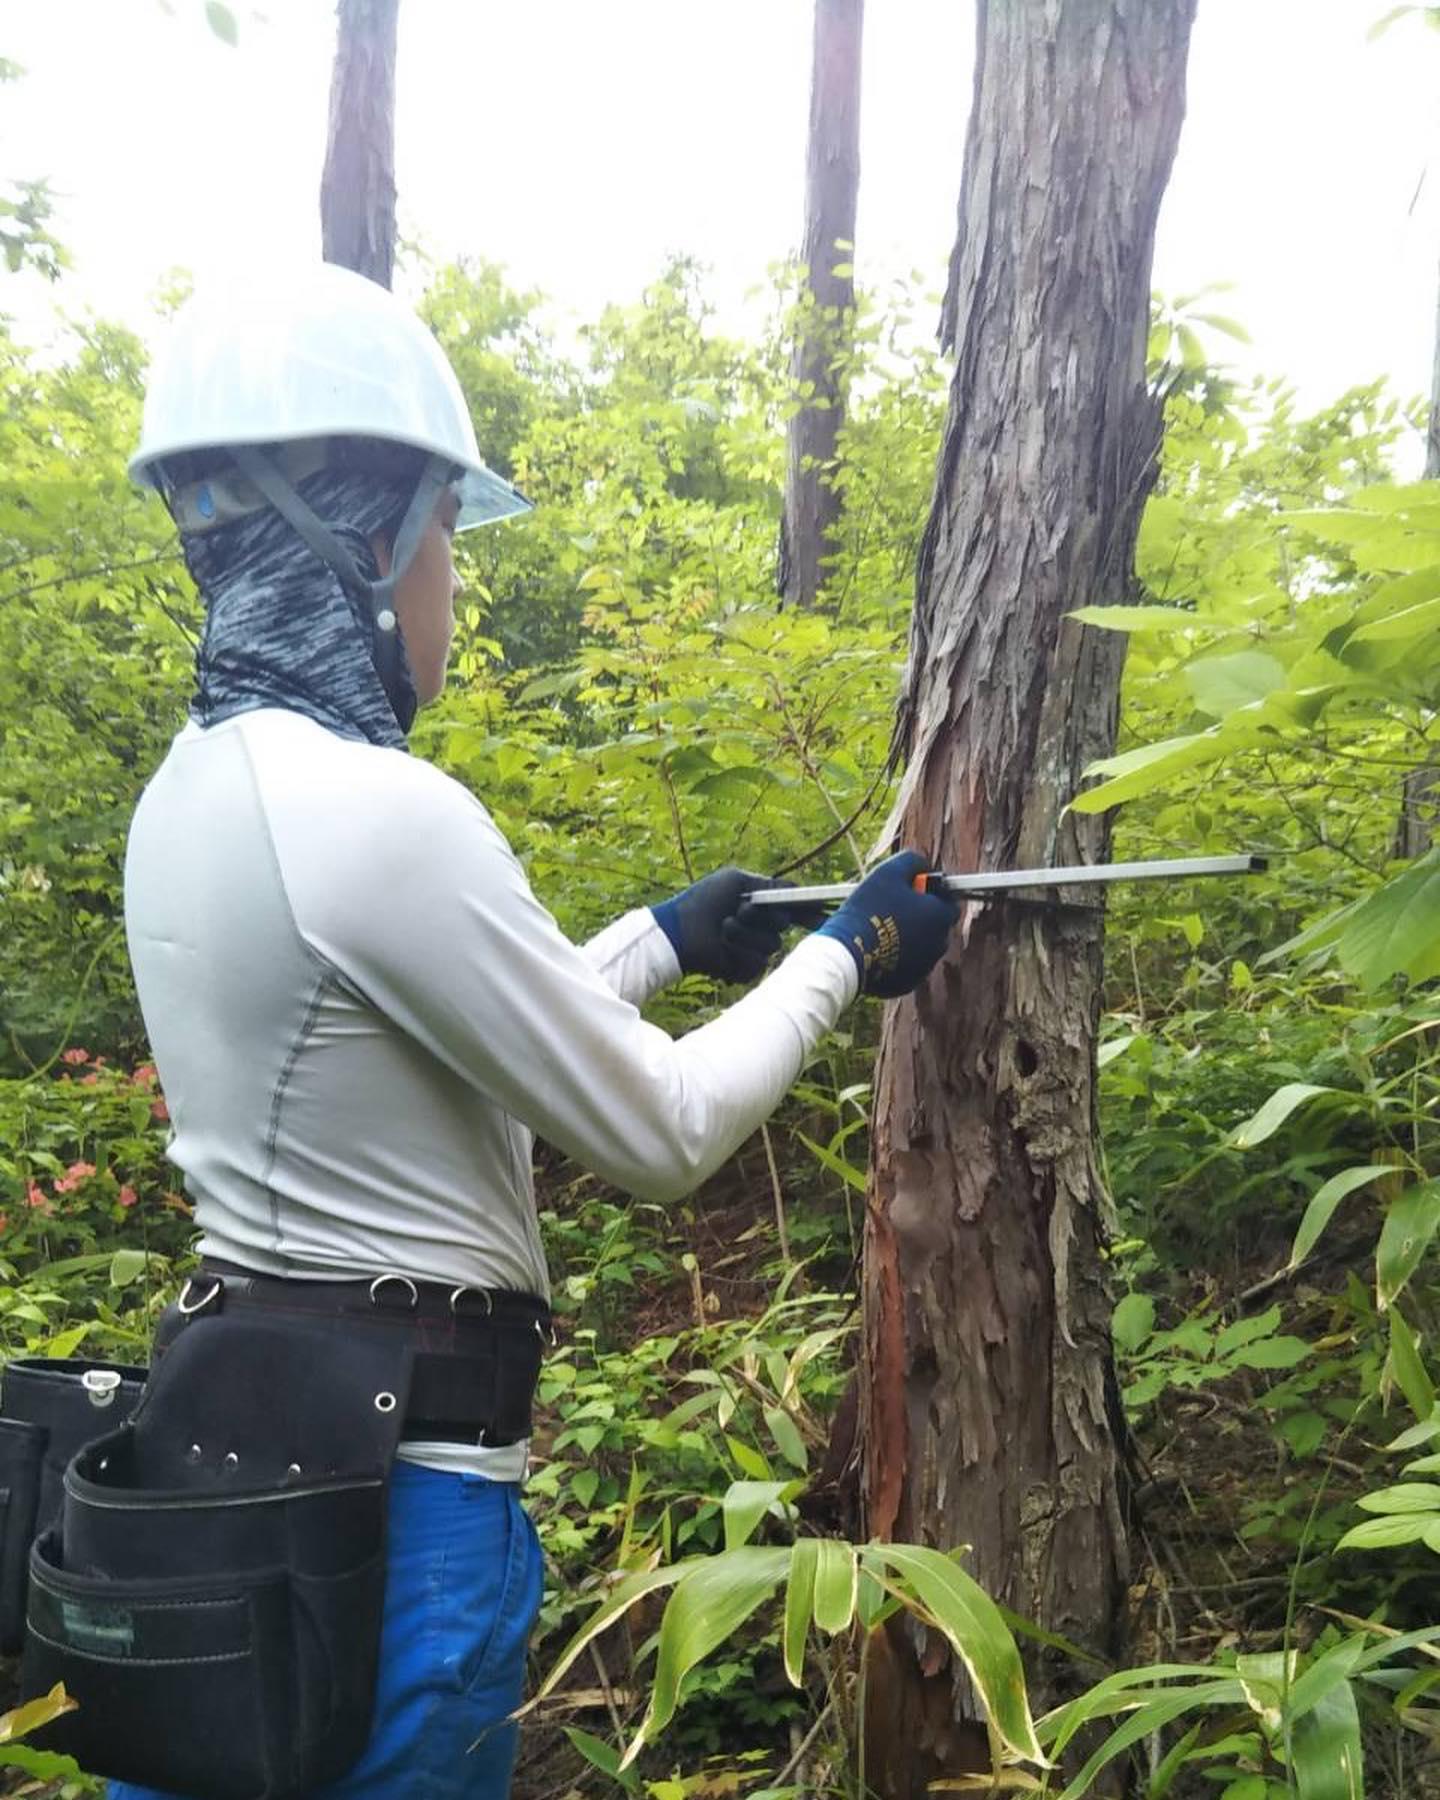 4月から行っている支障木精密調査!いよいよ終盤です。#伐採#特殊伐採#林業#測量#支障木精密調査#石川県#白山市#鶴来#なかの林業